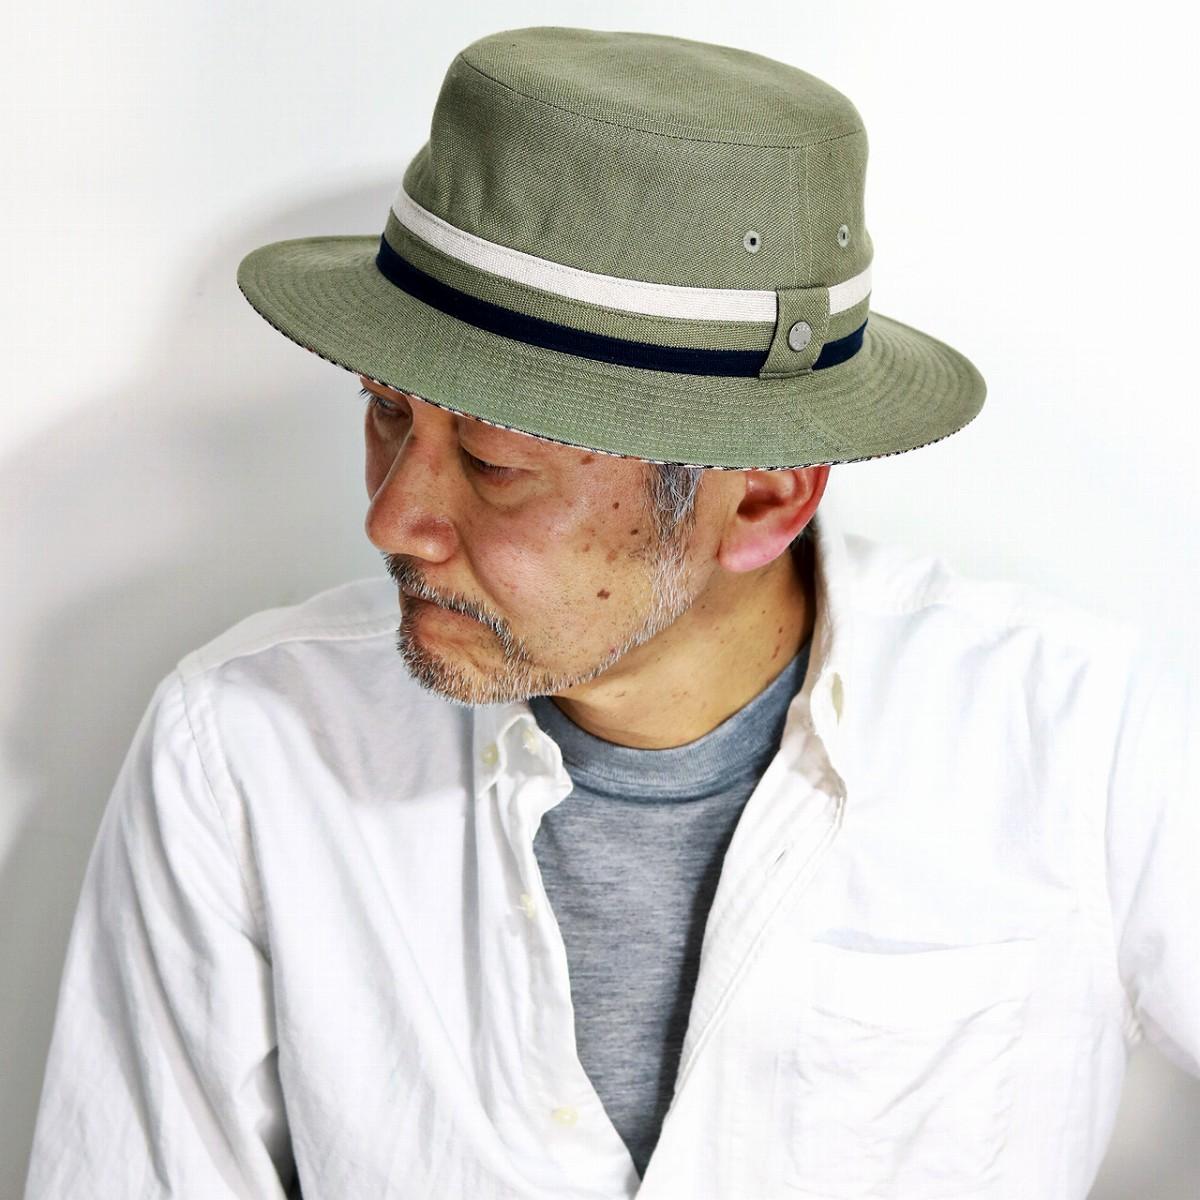 サファリハット 日よけ メンズ 春 夏 大きいサイズ DAKS 帽子 麻 無地 リネン ダックス バケットハット daks イギリス ブランド サハリハット 紳士 M L XL 3L サイズ調整 チェック カーキ[ bucket hat ]父の日 プレゼント ギフト ラッピング無料